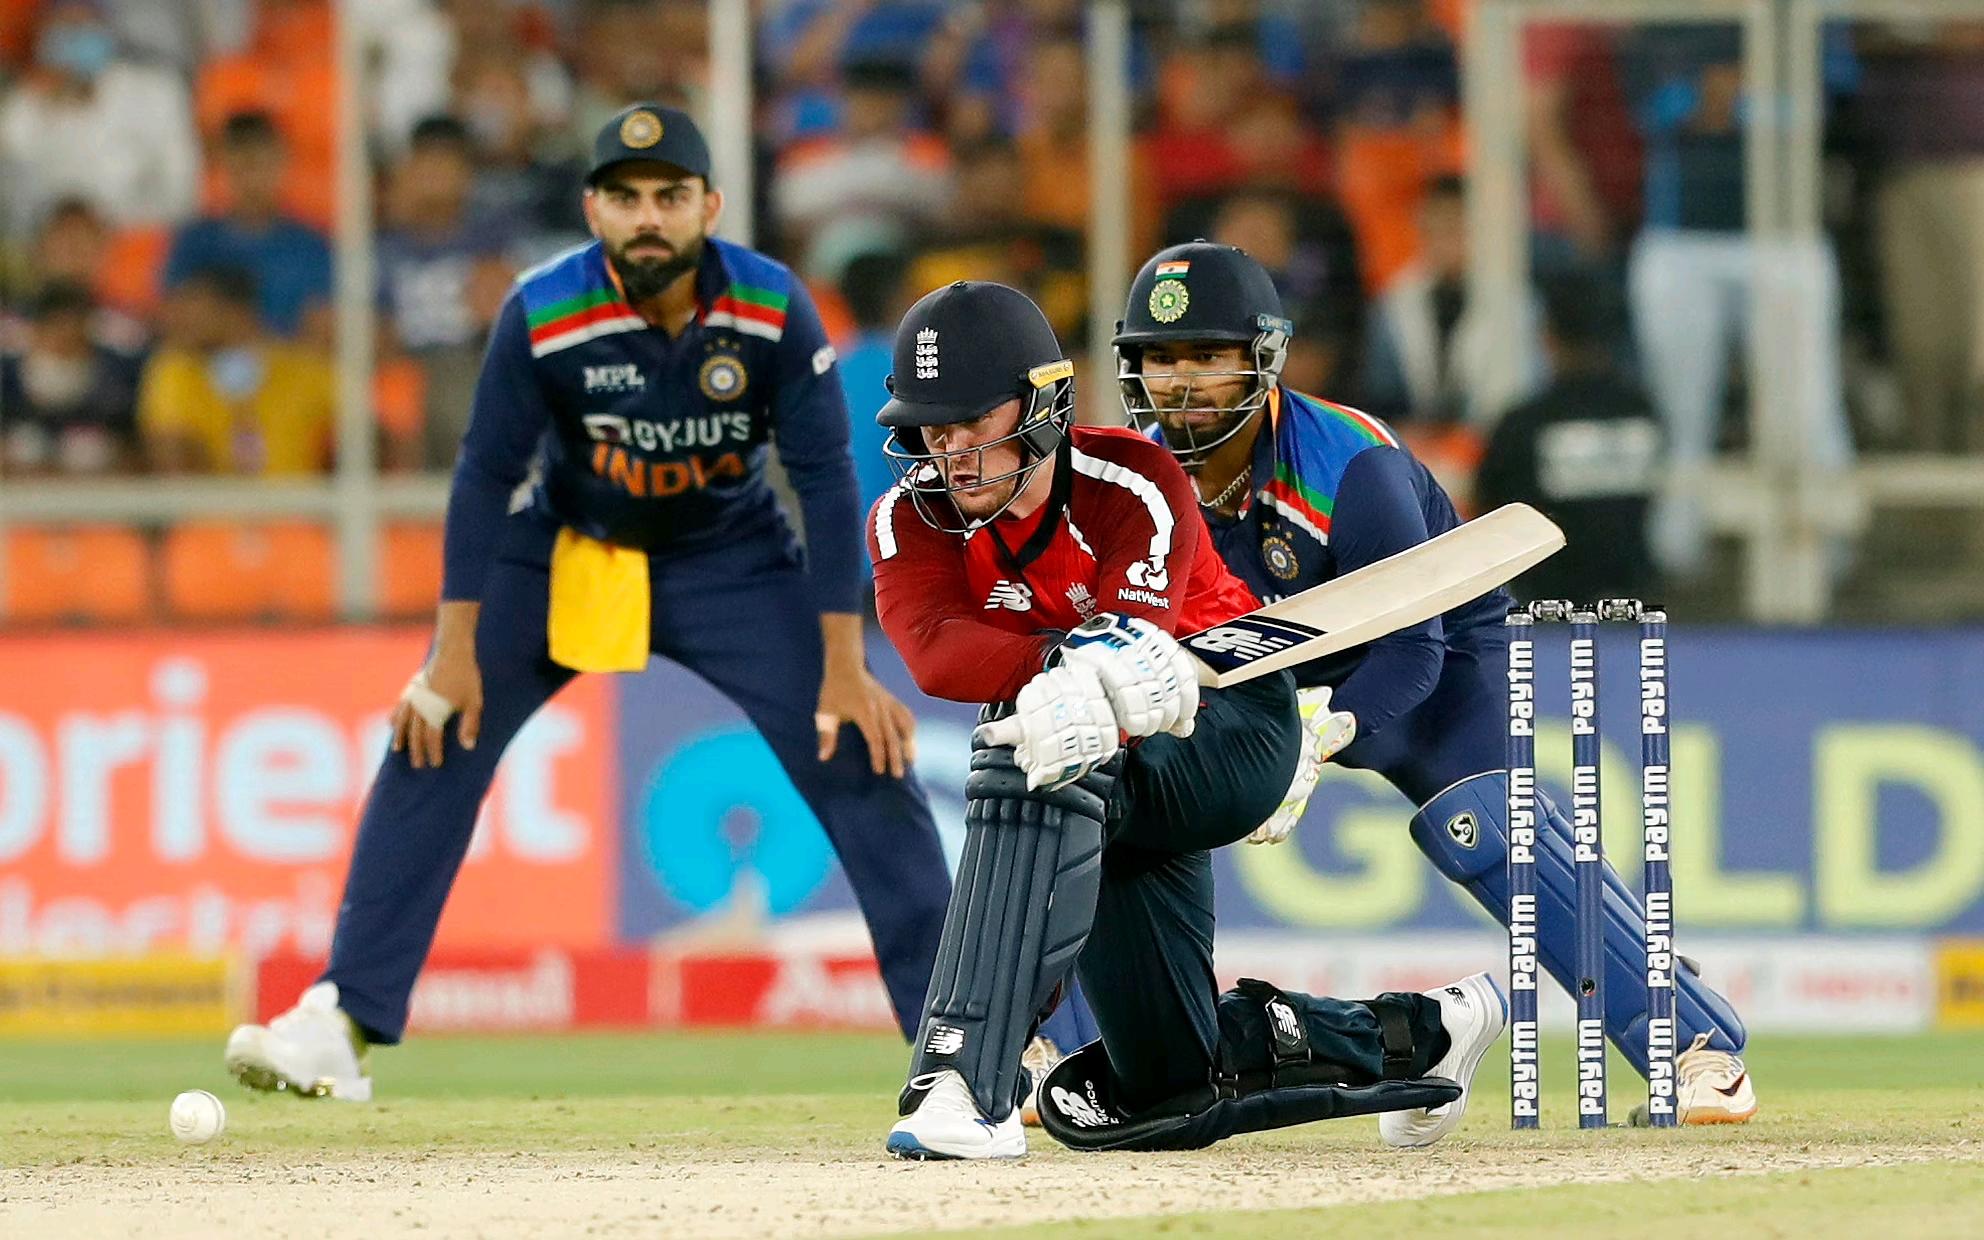 ব্যাটিং বিপর্যয়, ইংল্যান্ডের বিরুদ্ধে টি২০ সিরিজের প্রথম ম্যাচে হার ভারতের